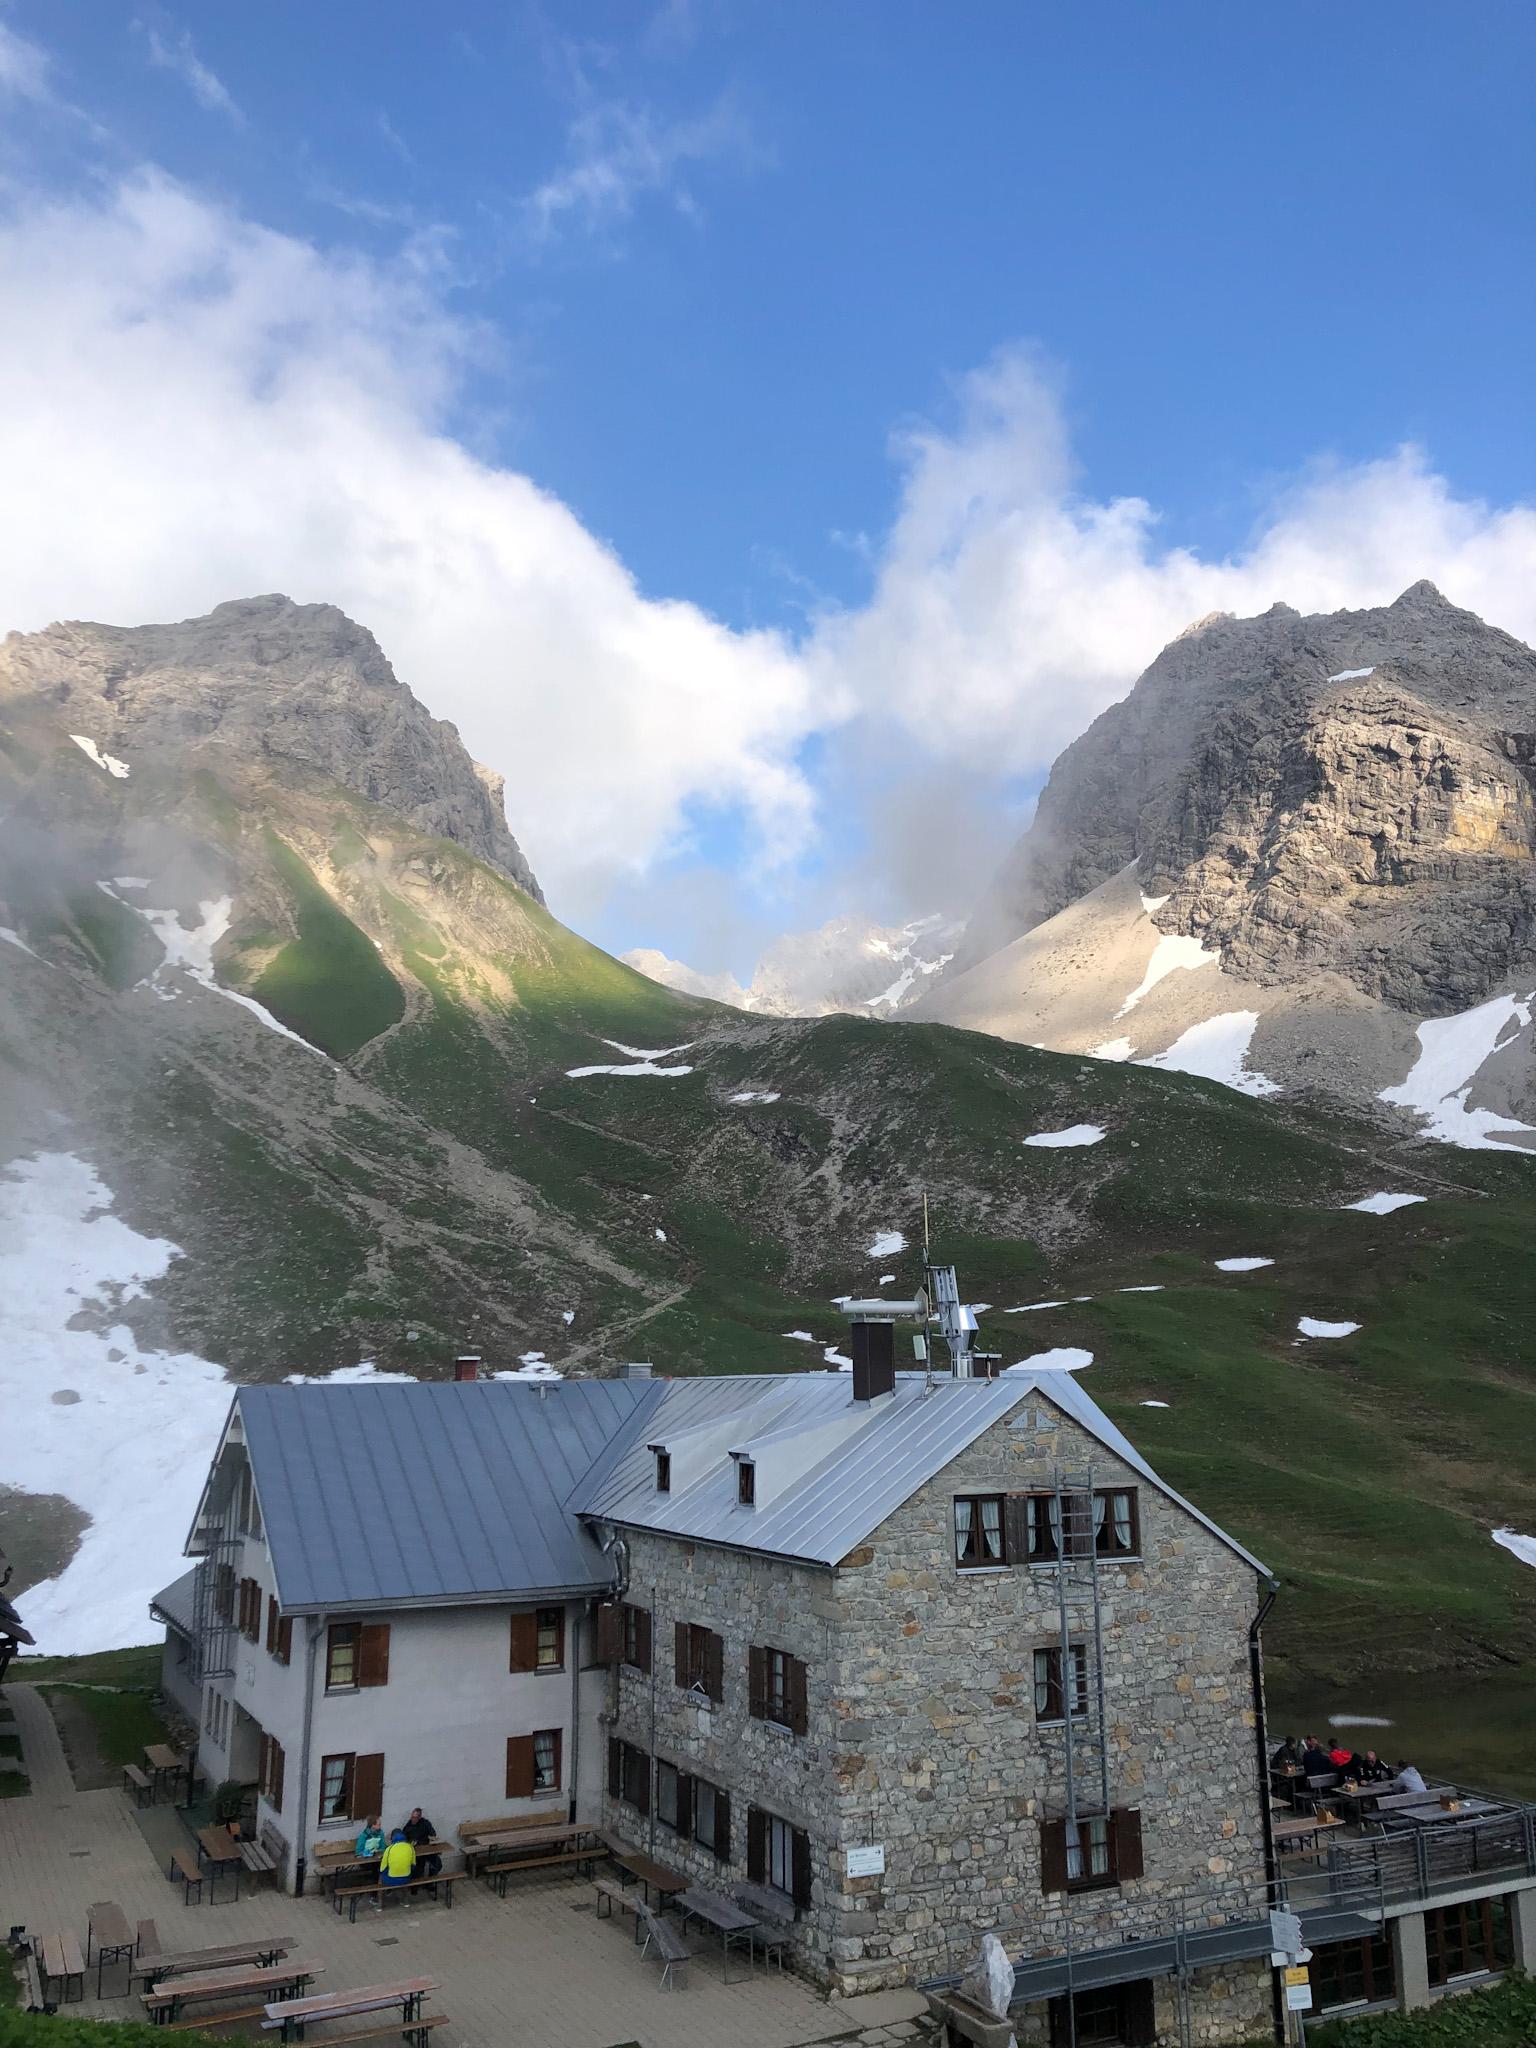 Le refuge de Rappensee dans les Alpes d'Allgäu en Bavière